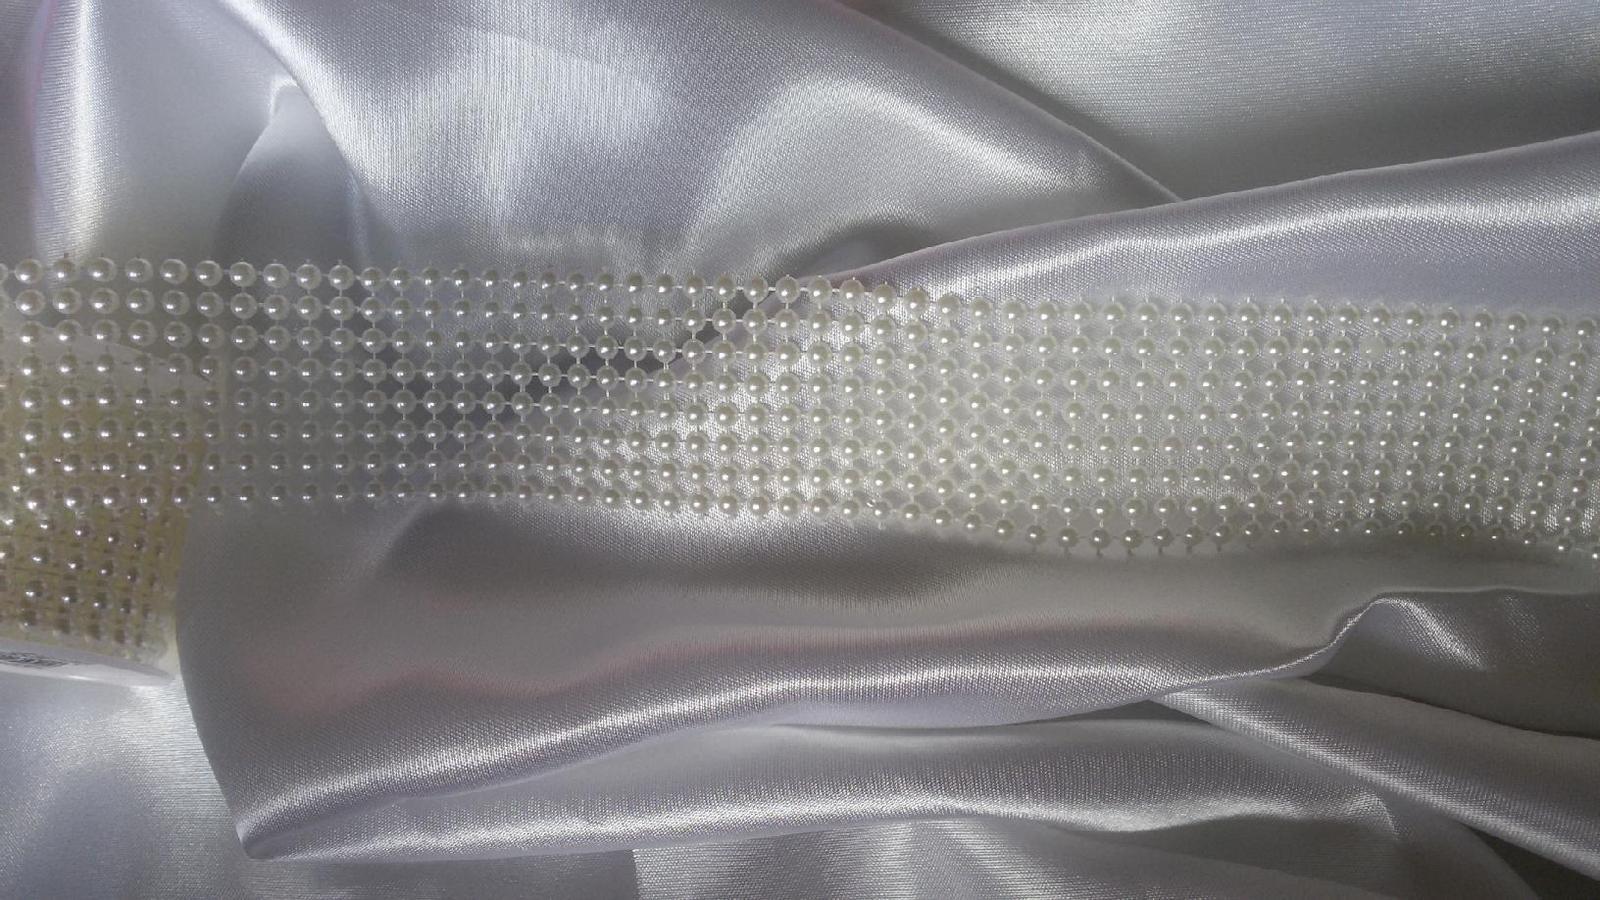 Perličkový pás - Obrázek č. 1